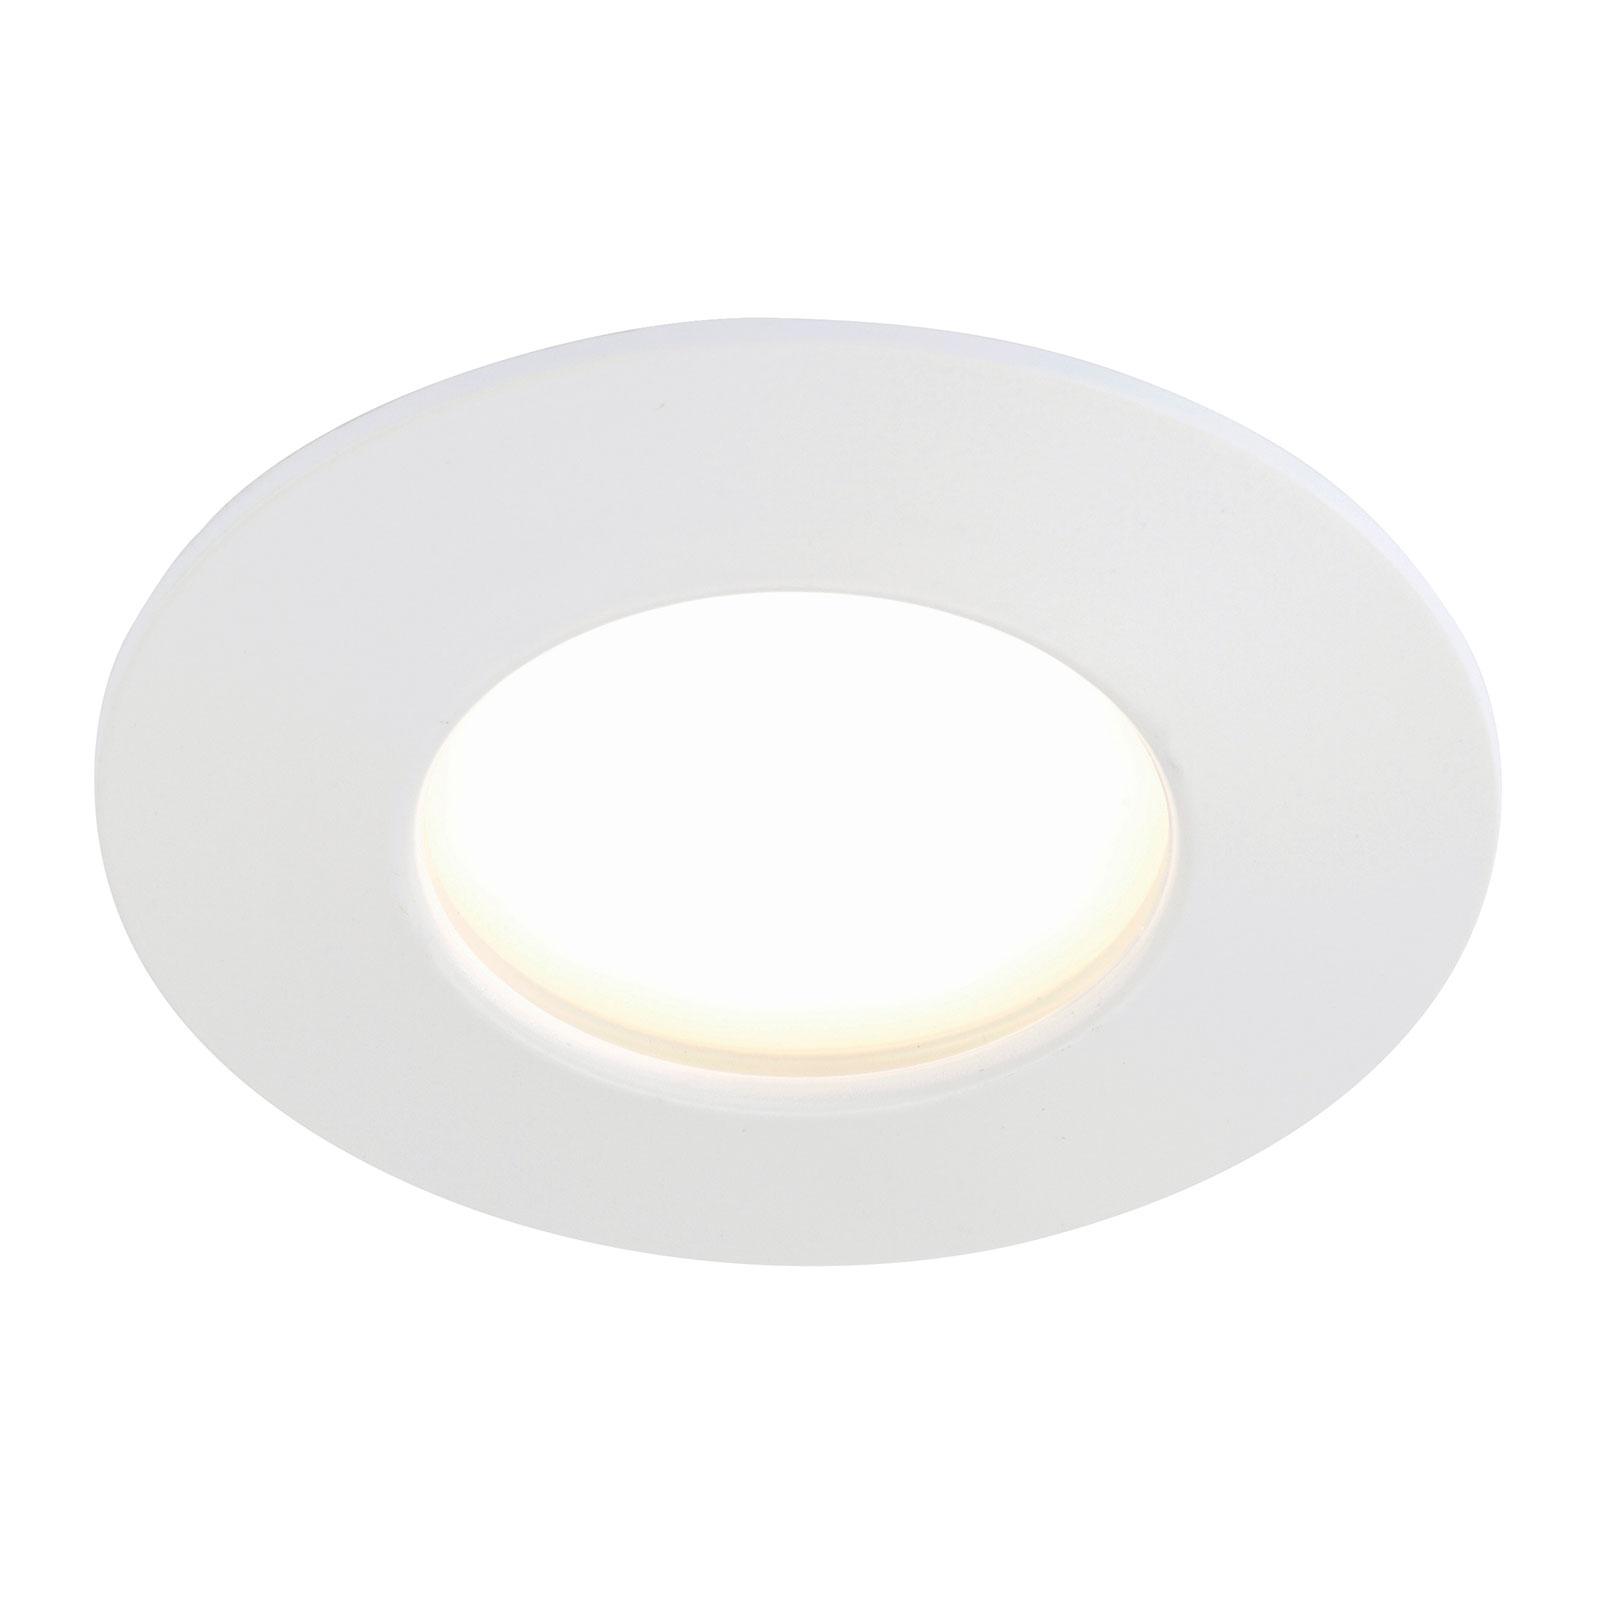 Biele zapustené LED svetlo Felia, IP44_1510319_1